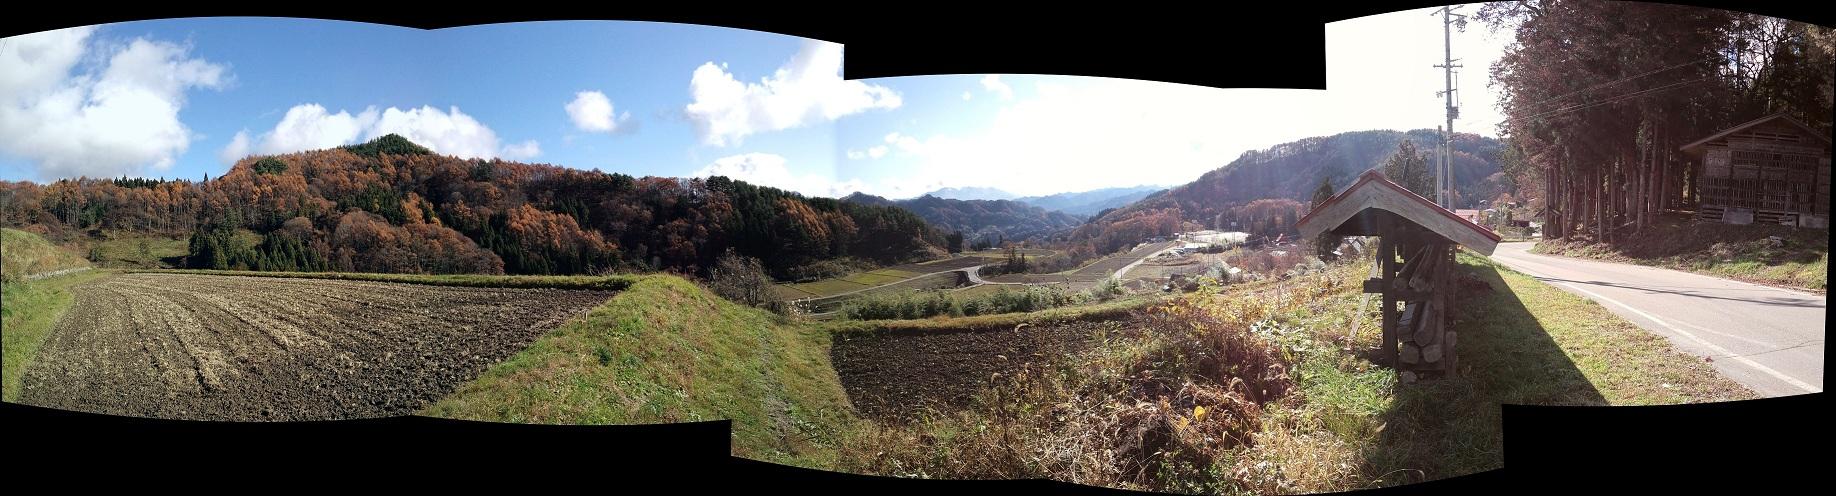 八坂村パノラマ2_3